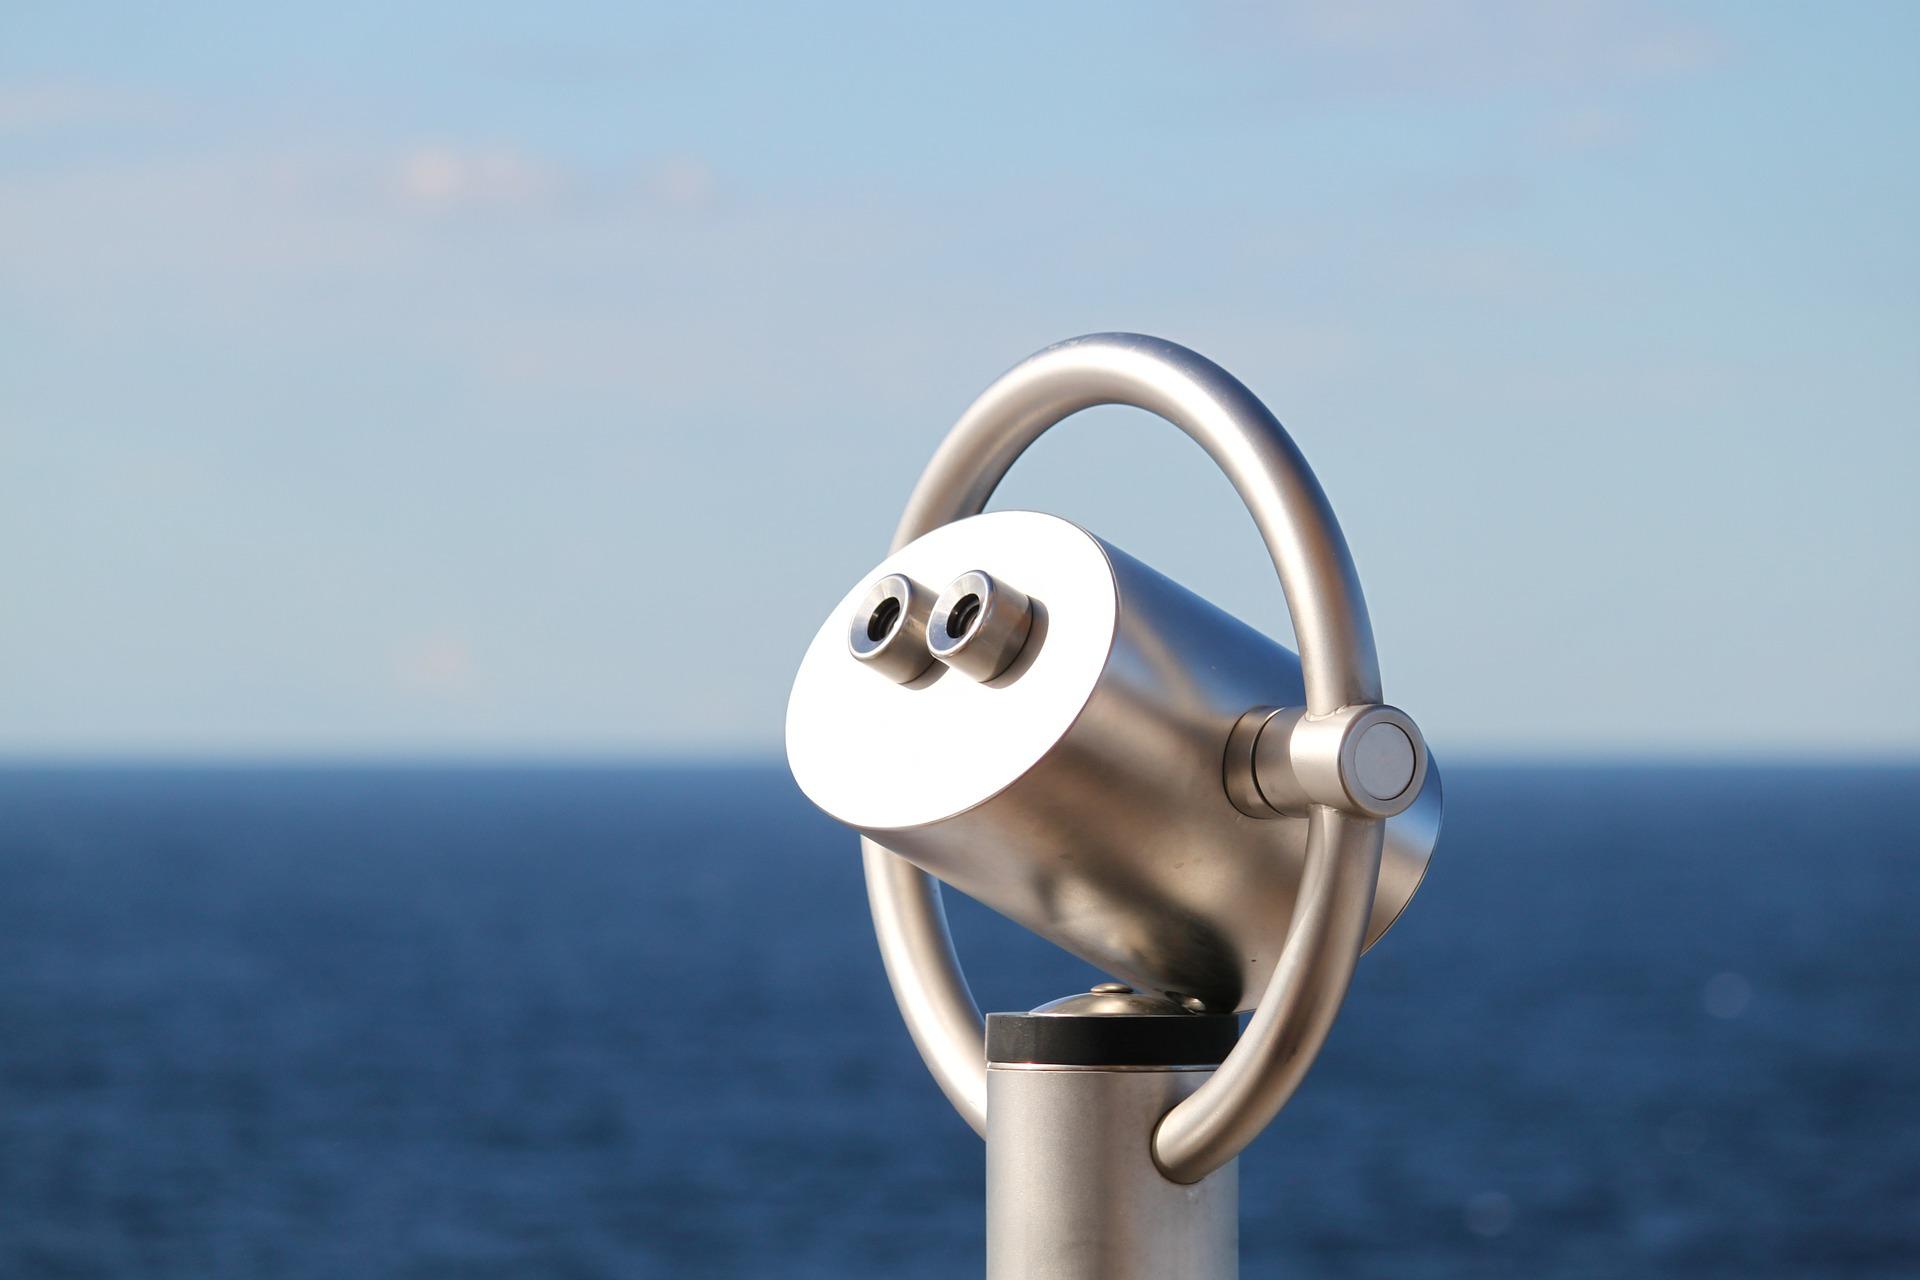 Periskop vor einem Meereshorizont